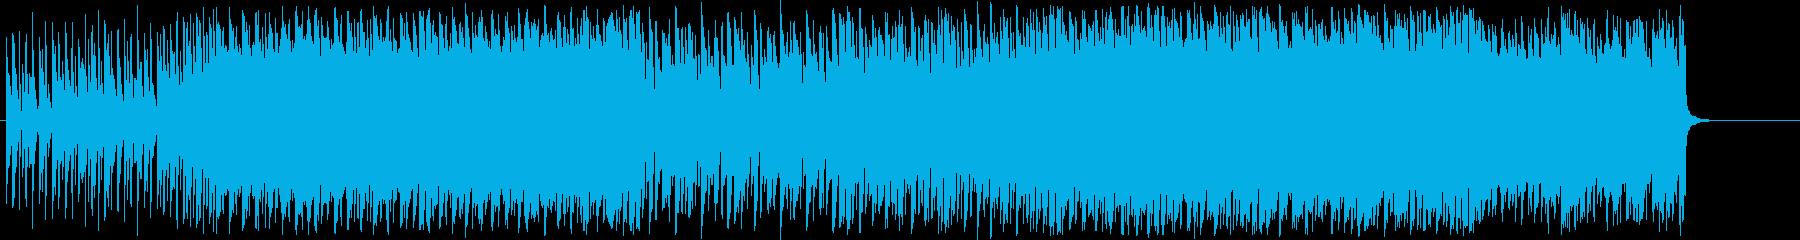 リズミカルで少しレトロなBGMの再生済みの波形